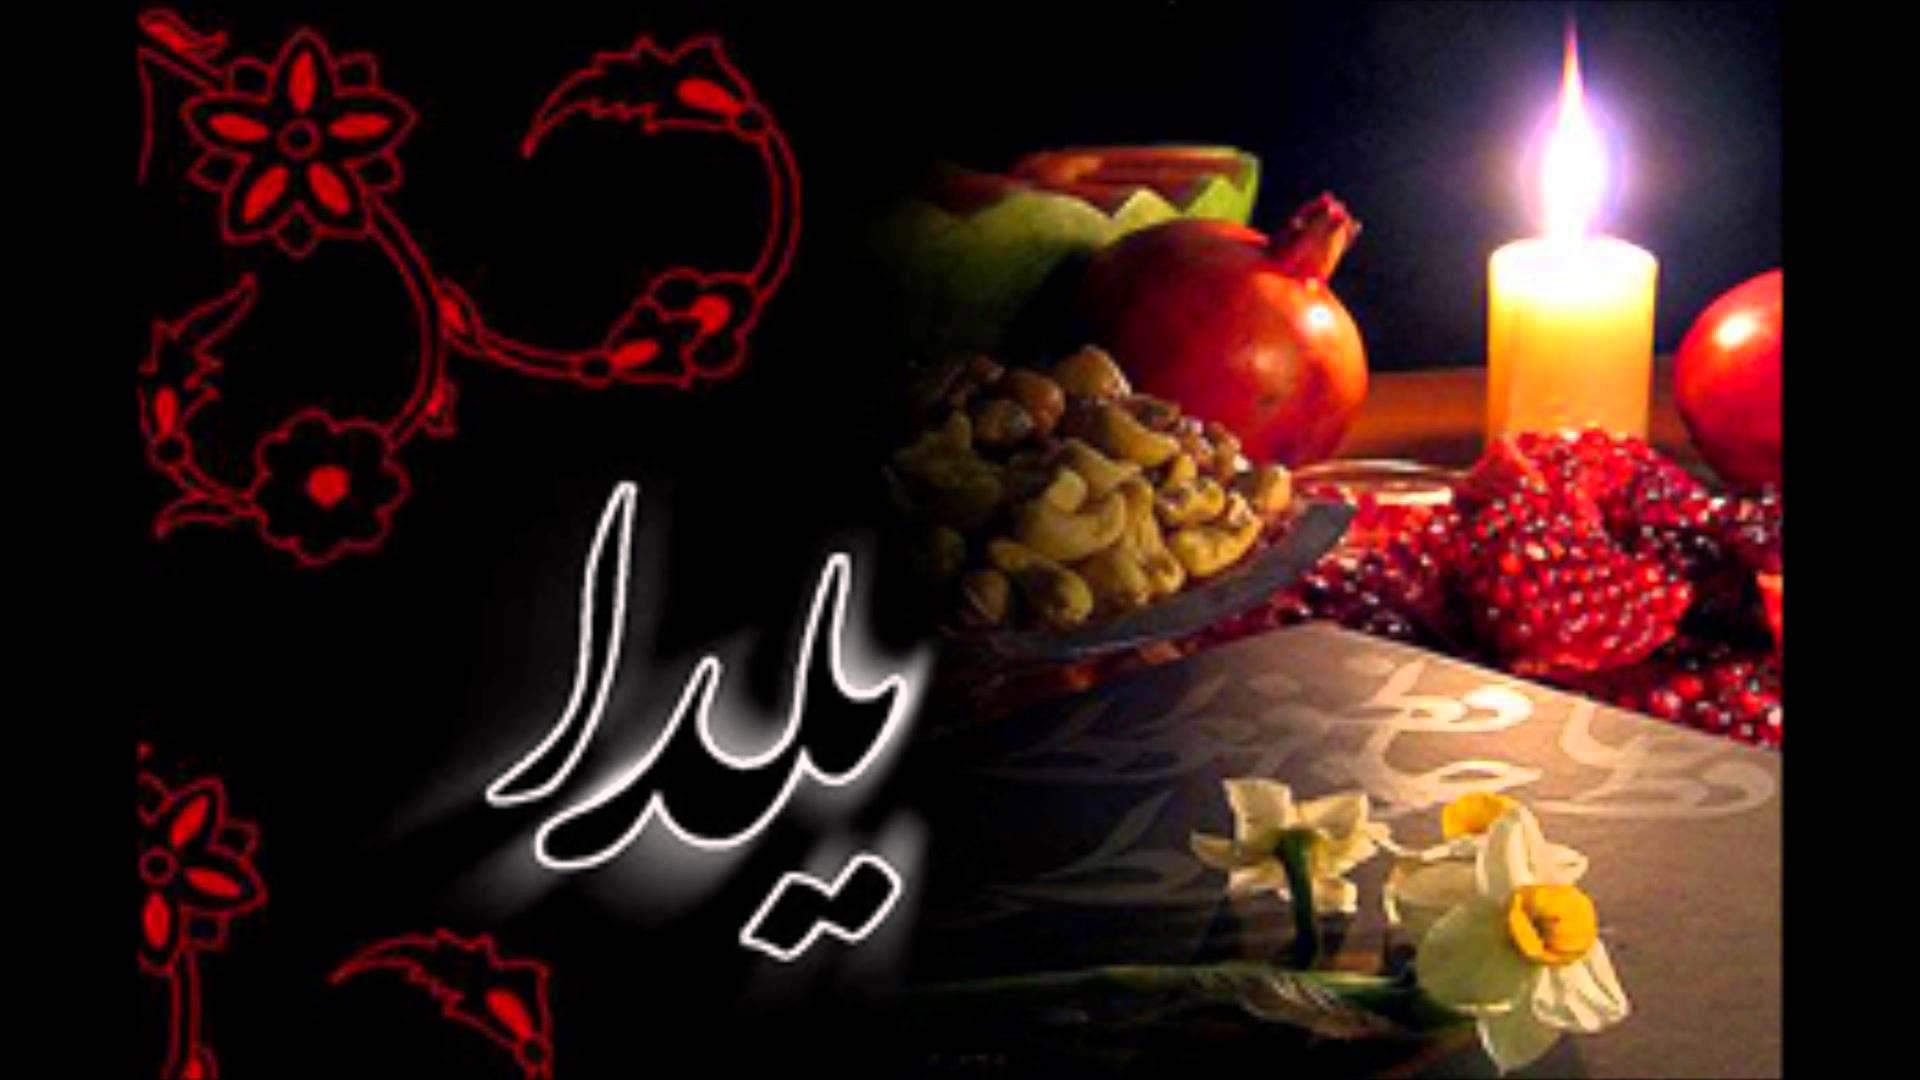 شب یلدا از گذشته تا به امروز با آداب و رسوم مخصوص...